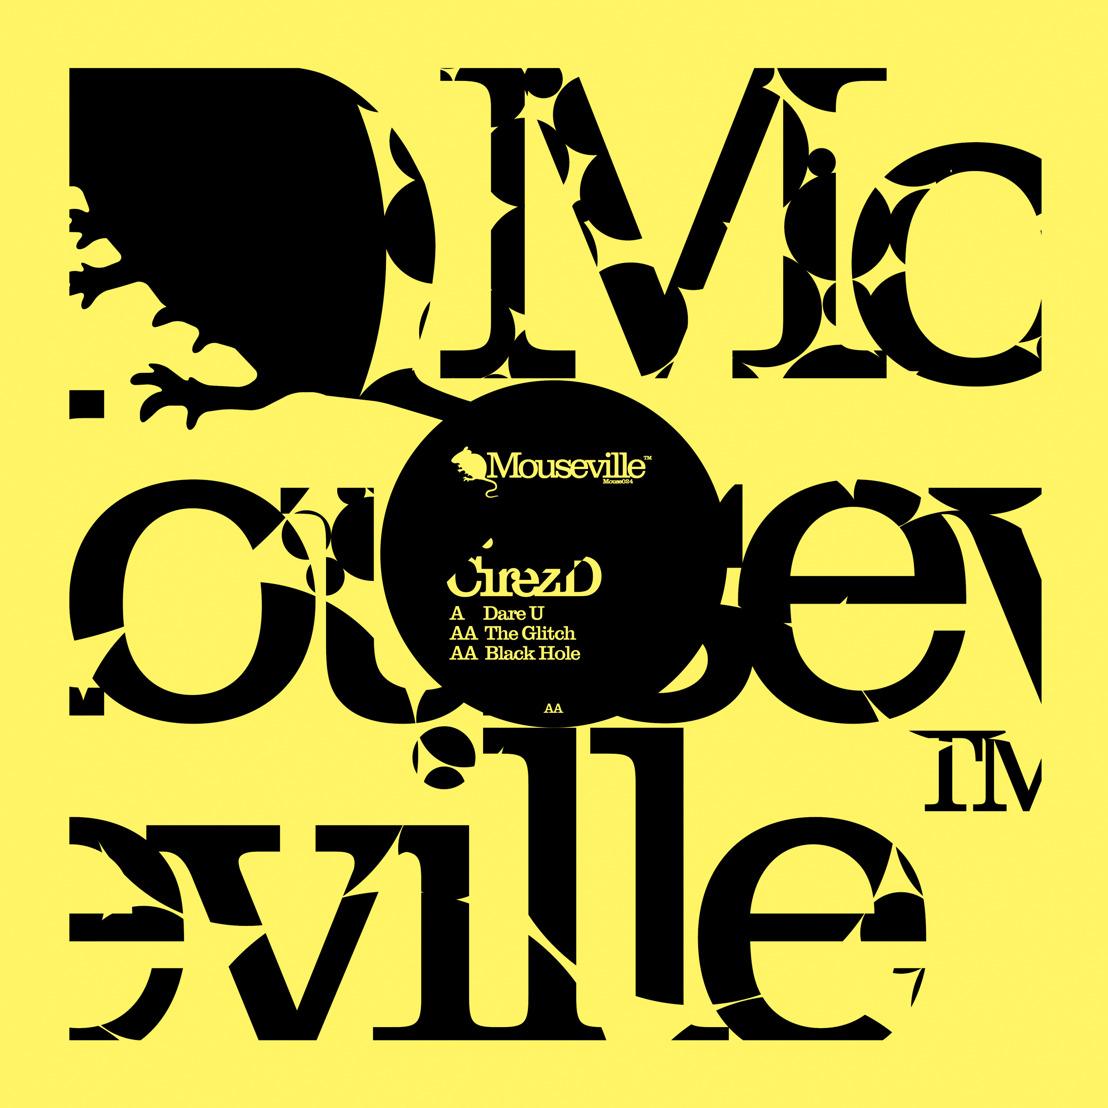 Eric Prydz releases new Cirez D EP - DARE U